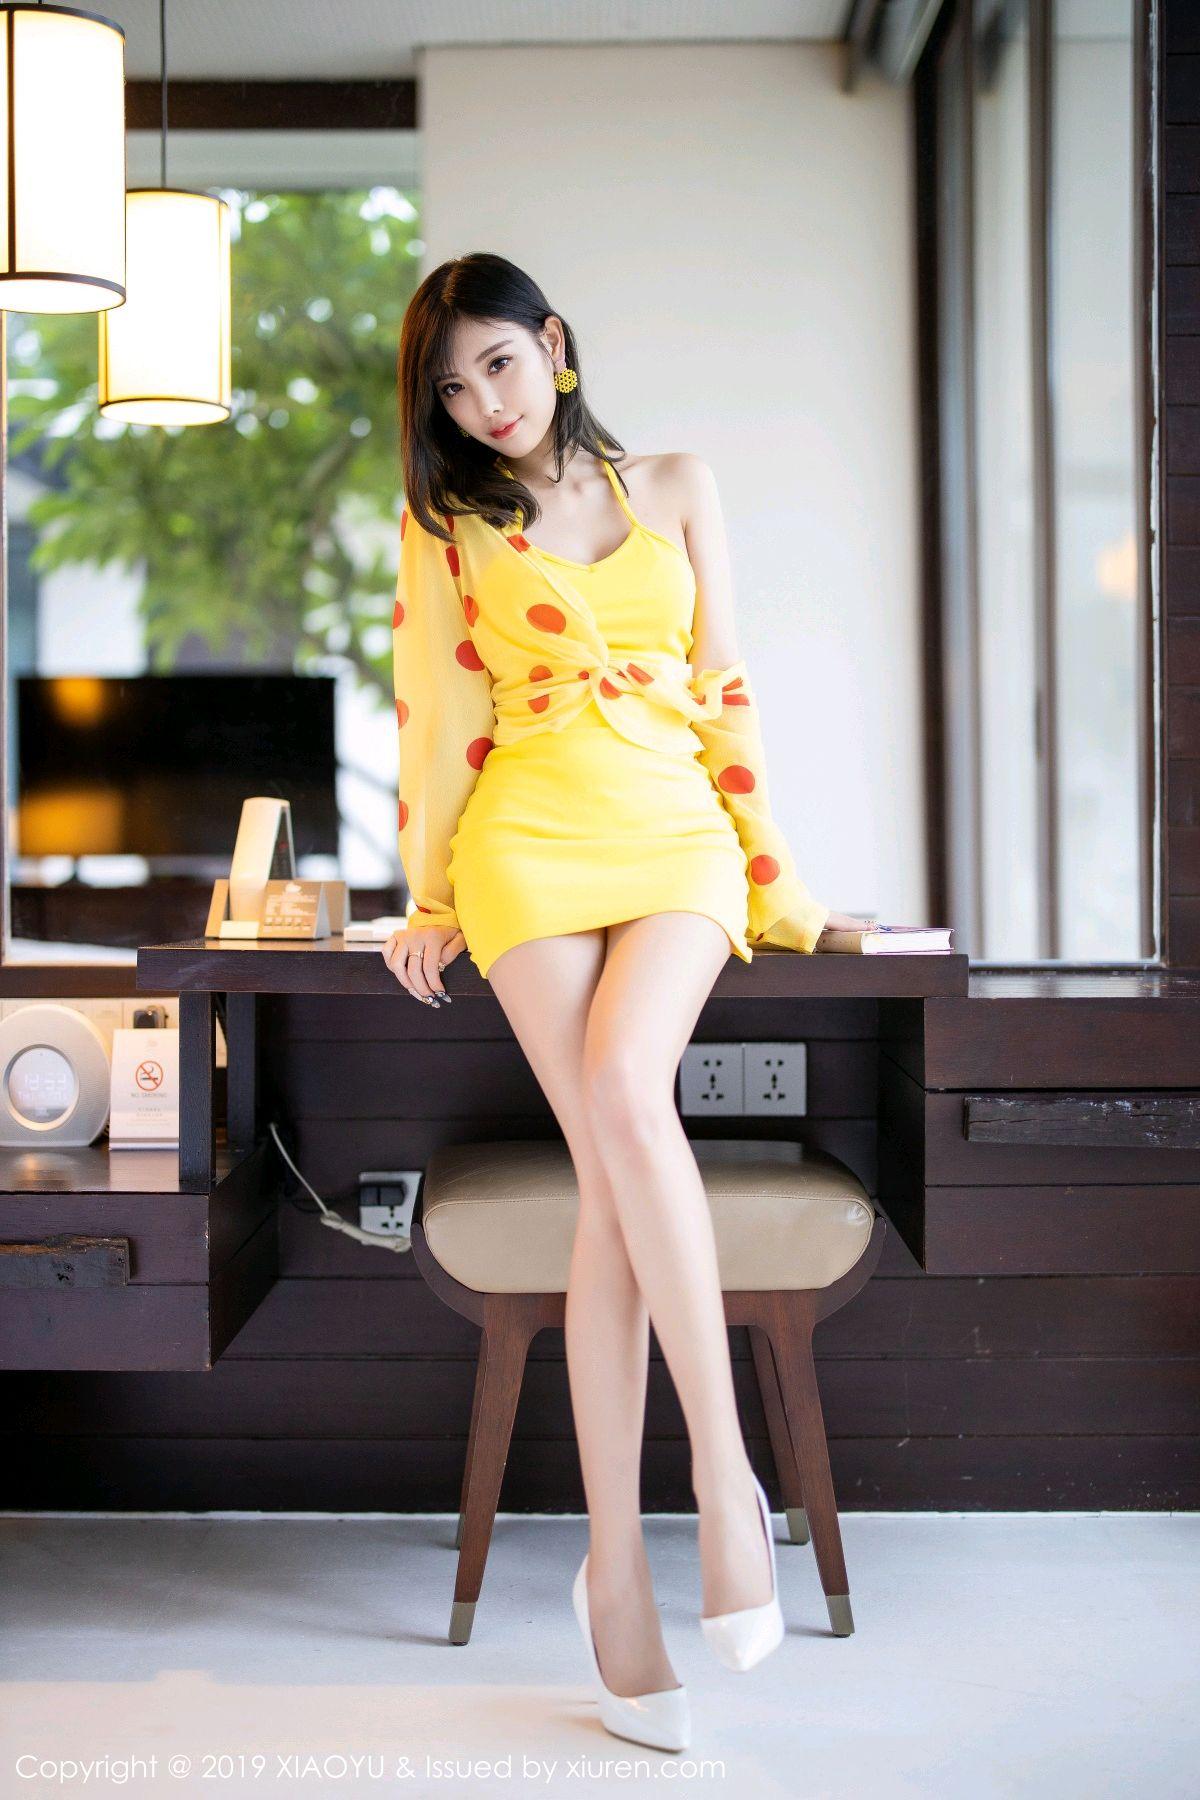 [XiaoYu] VOL.204 Yang Chen Chen 11P, Pure, XiaoYu, Yang Chen Chen